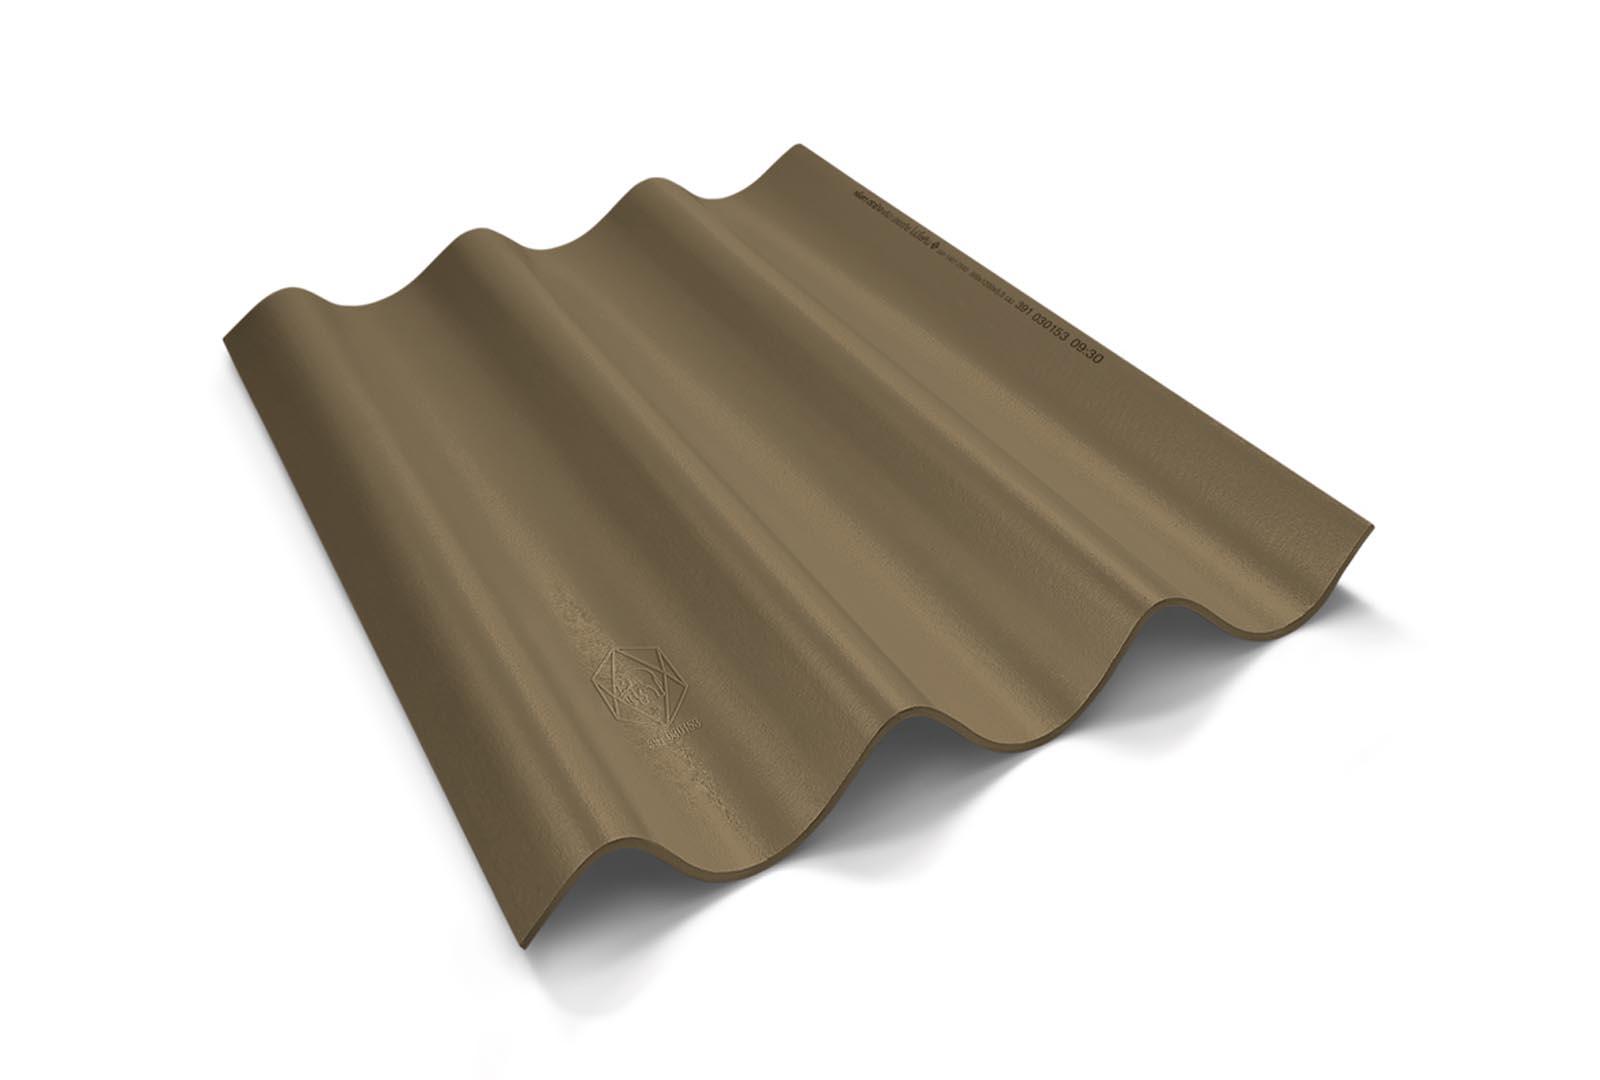 SCG-Fiber-Cement-Roof-prima-greenbrown